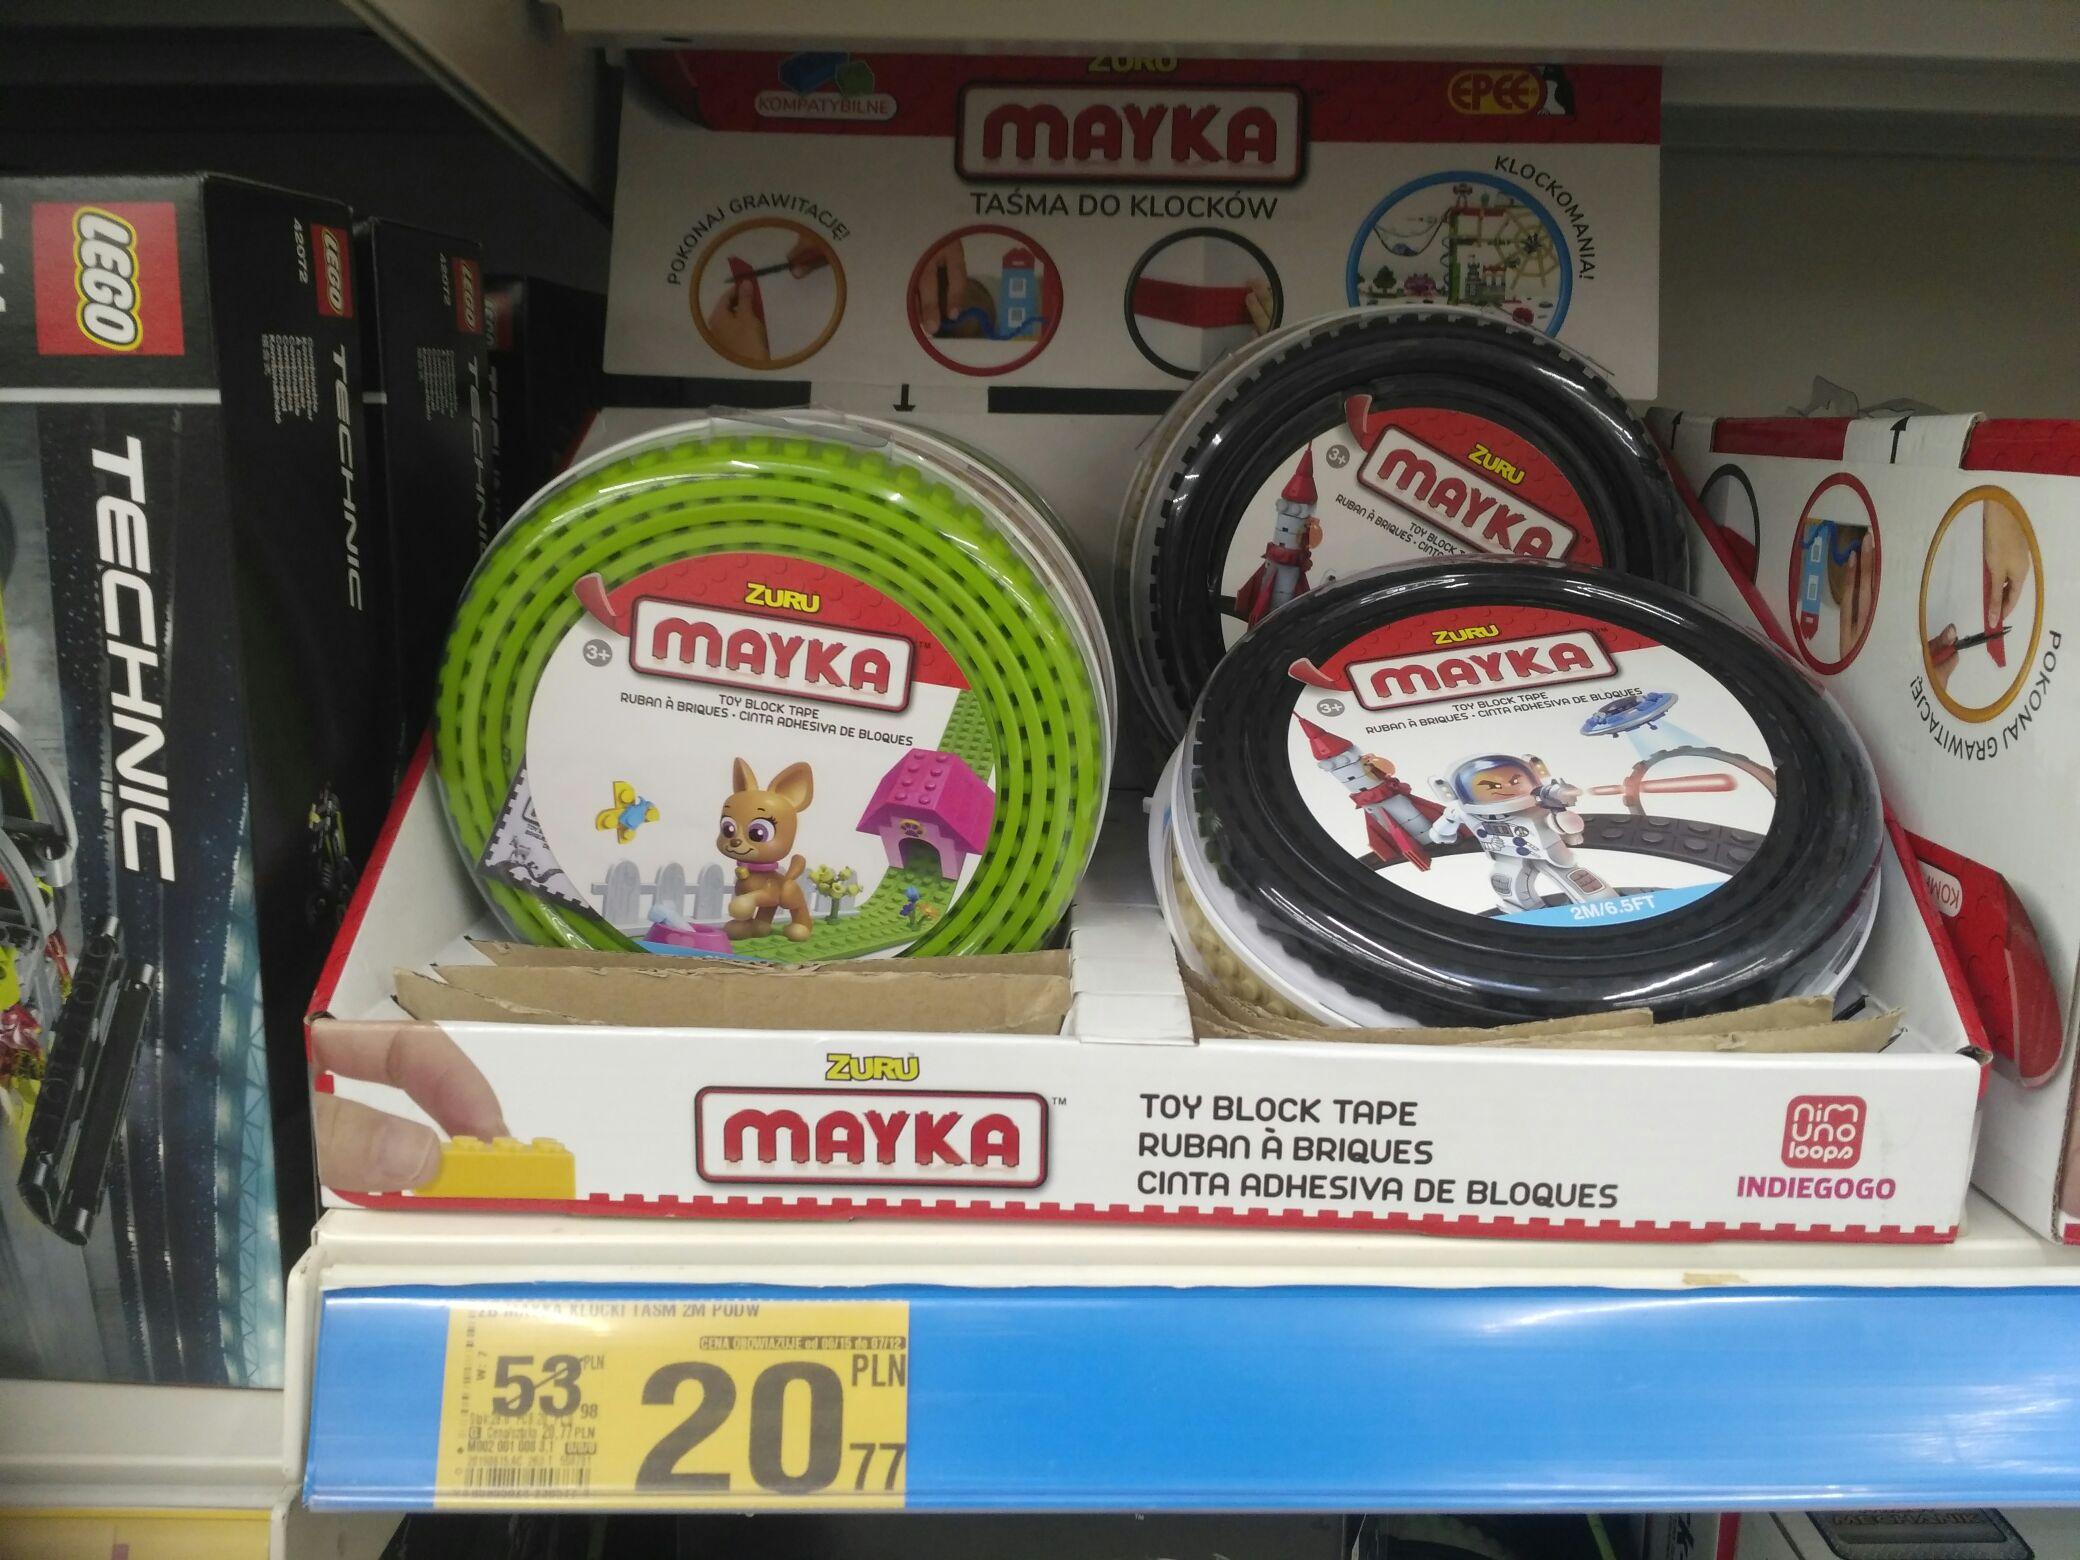 Mayka taśma Lego podwójna 2m Auchan Marki